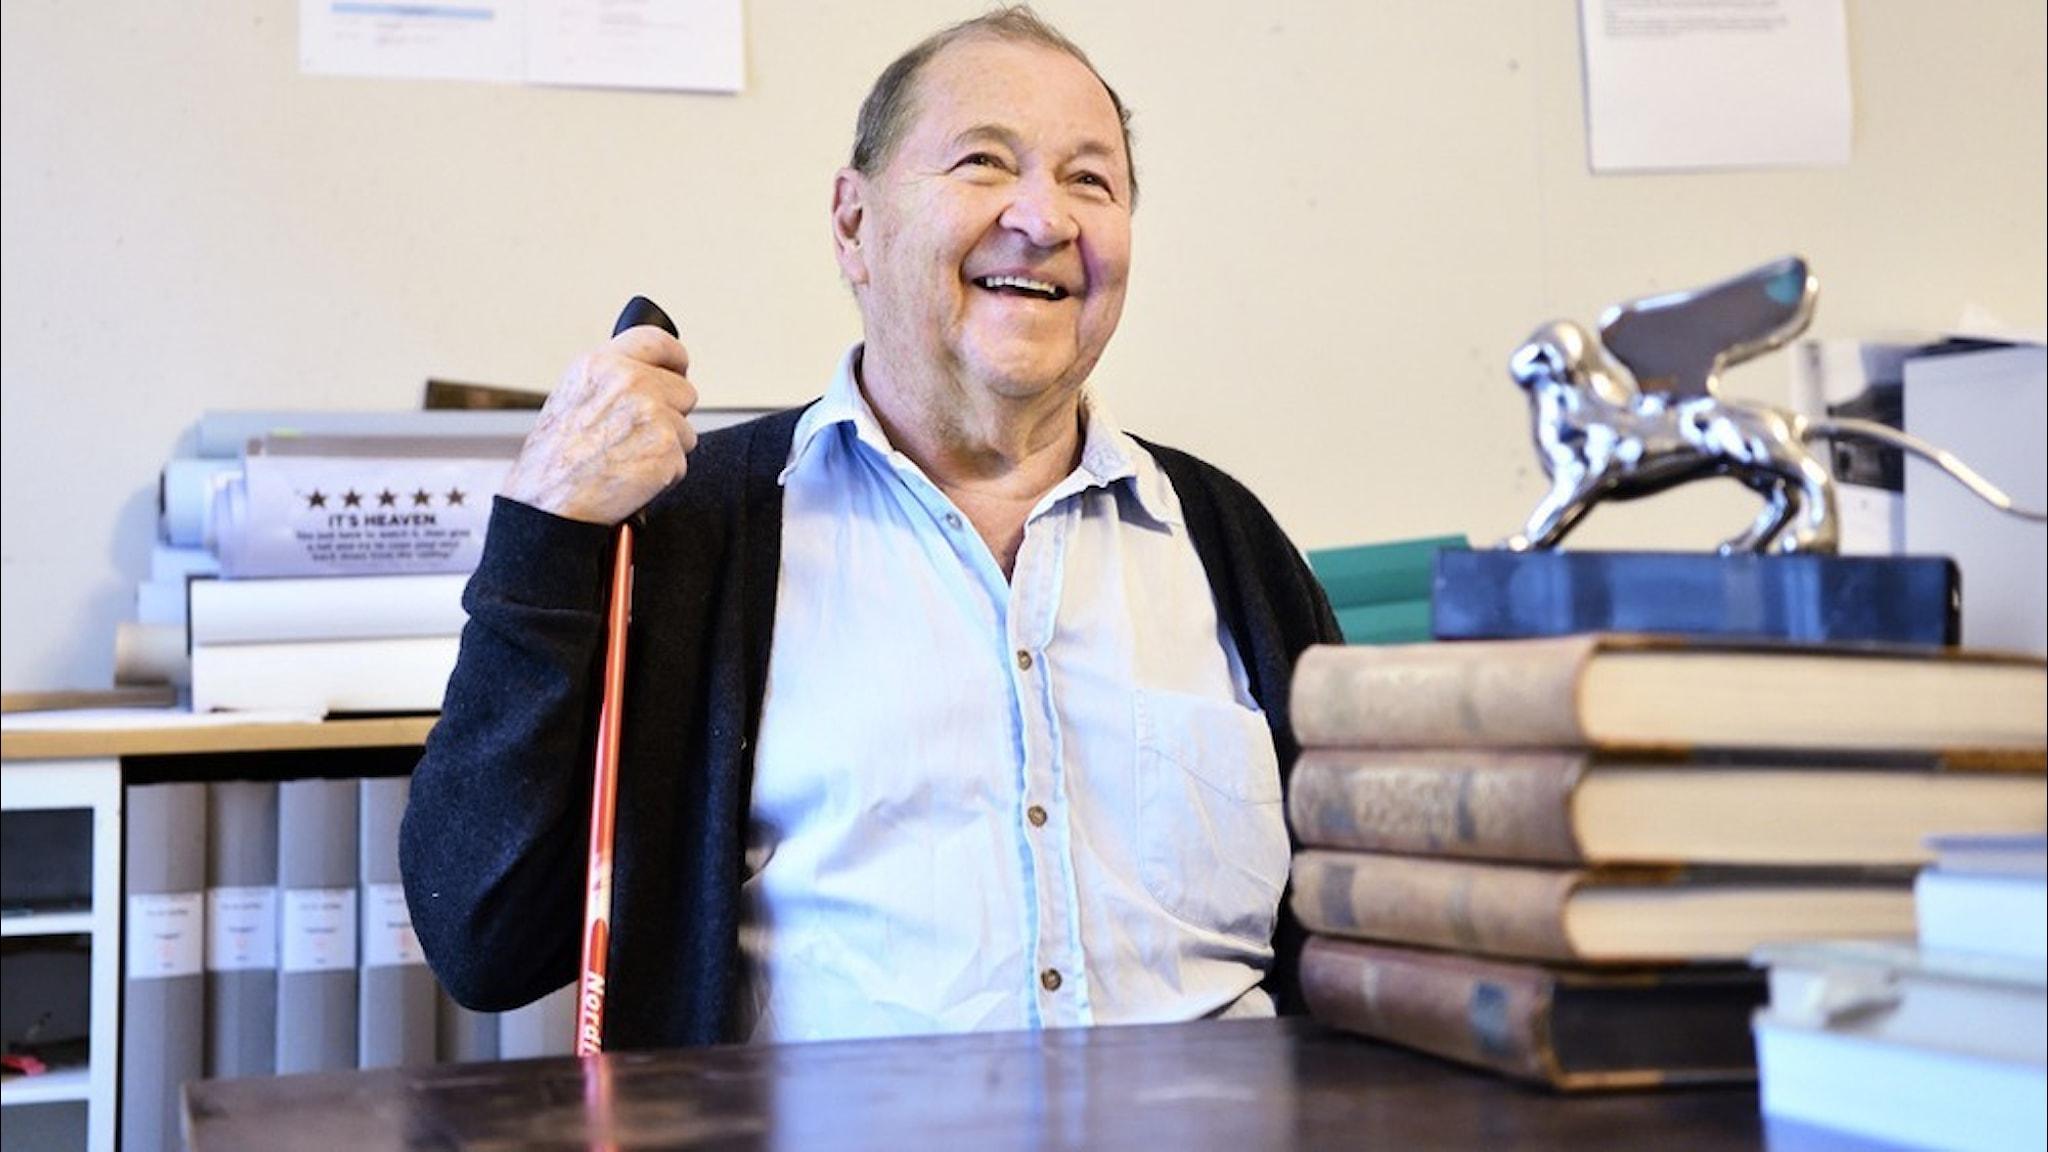 Filmregissören Roy Andersson klädd i ljus skjorta och mörk kofta sitter vid ett skrivbord och ler.